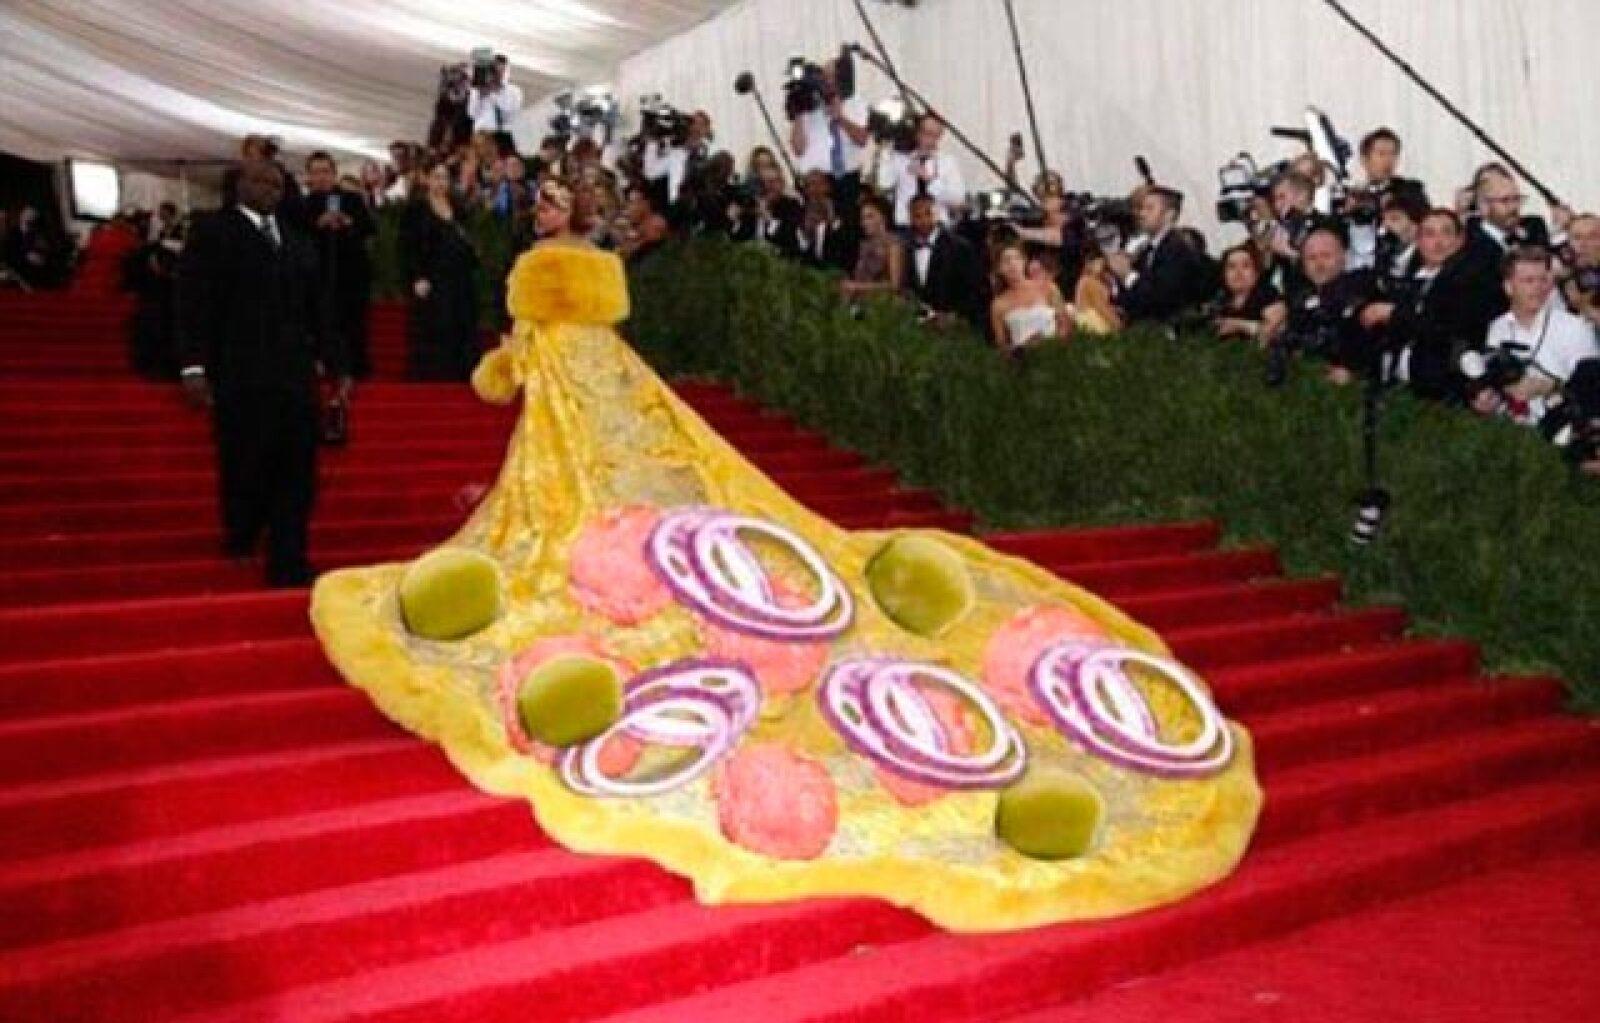 Usuarios de la red compararon el vestido con un omelet.